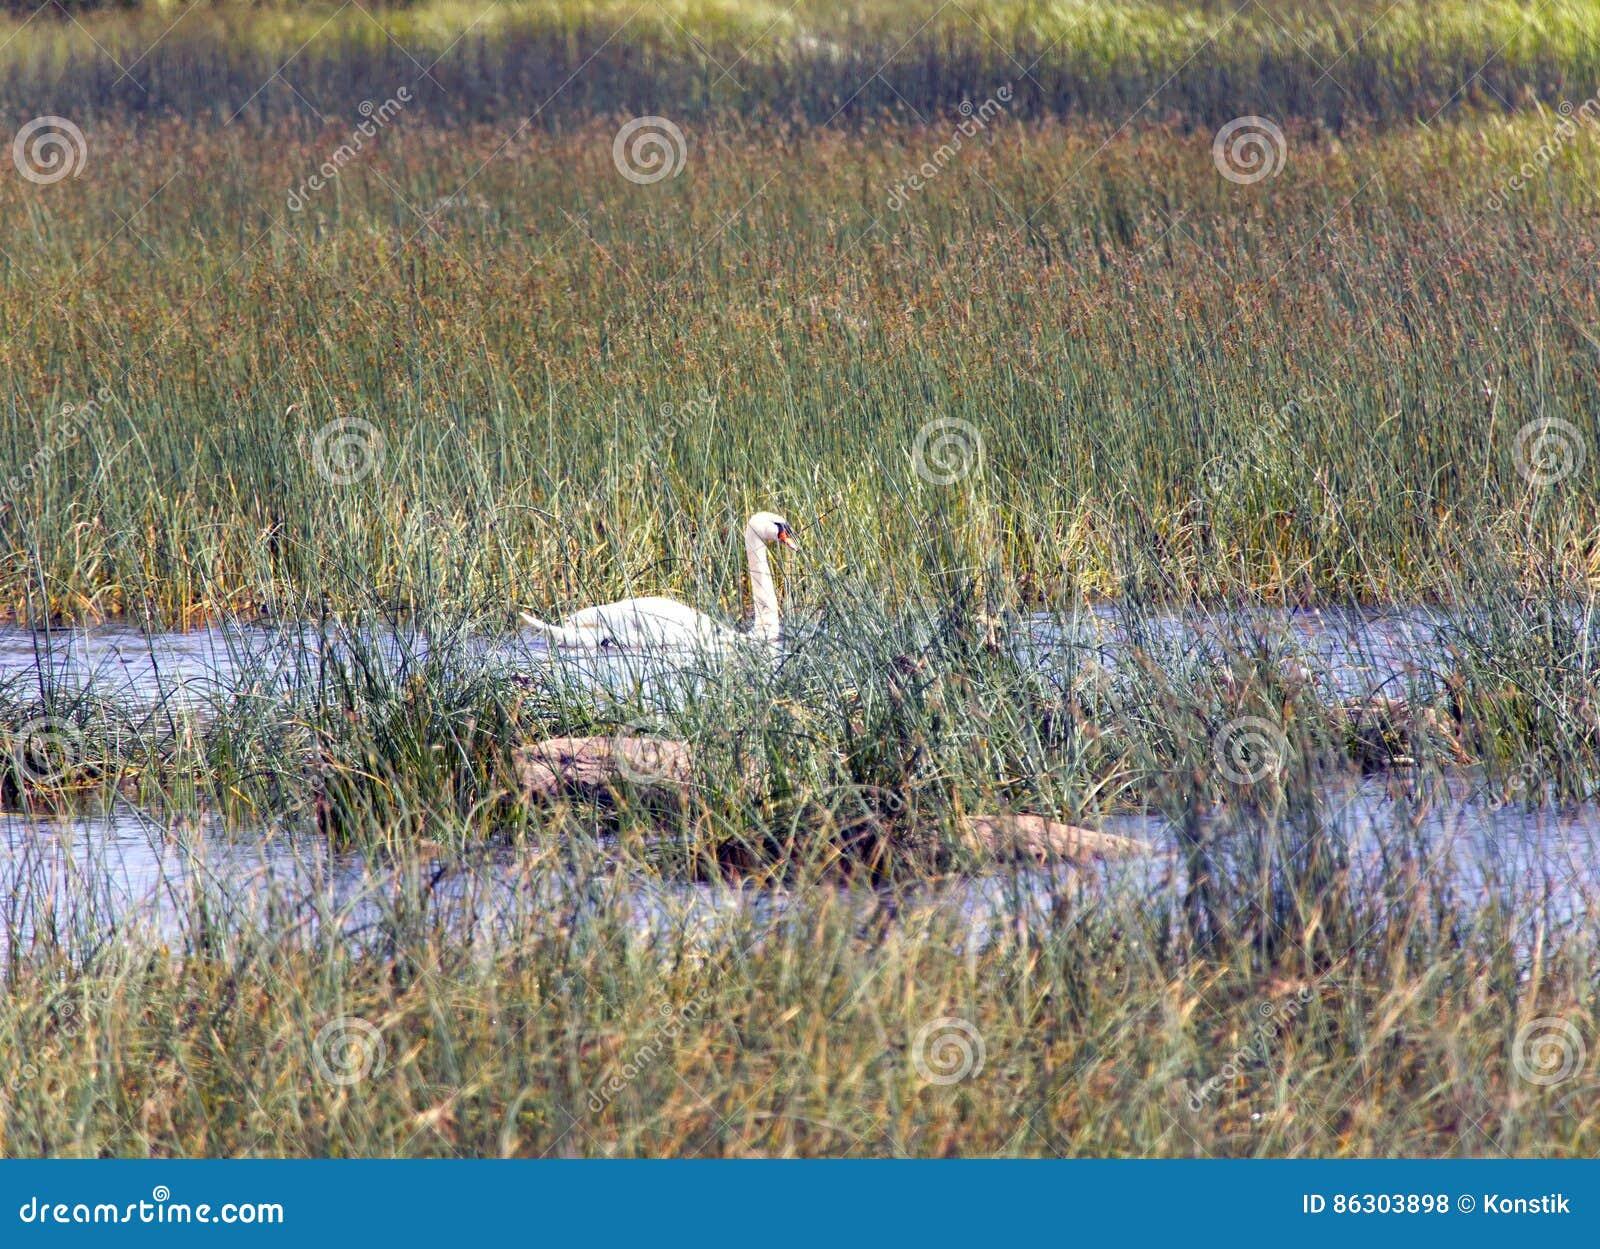 Łabędź w jeziorze w środowisku zielona trawa i kamienie,